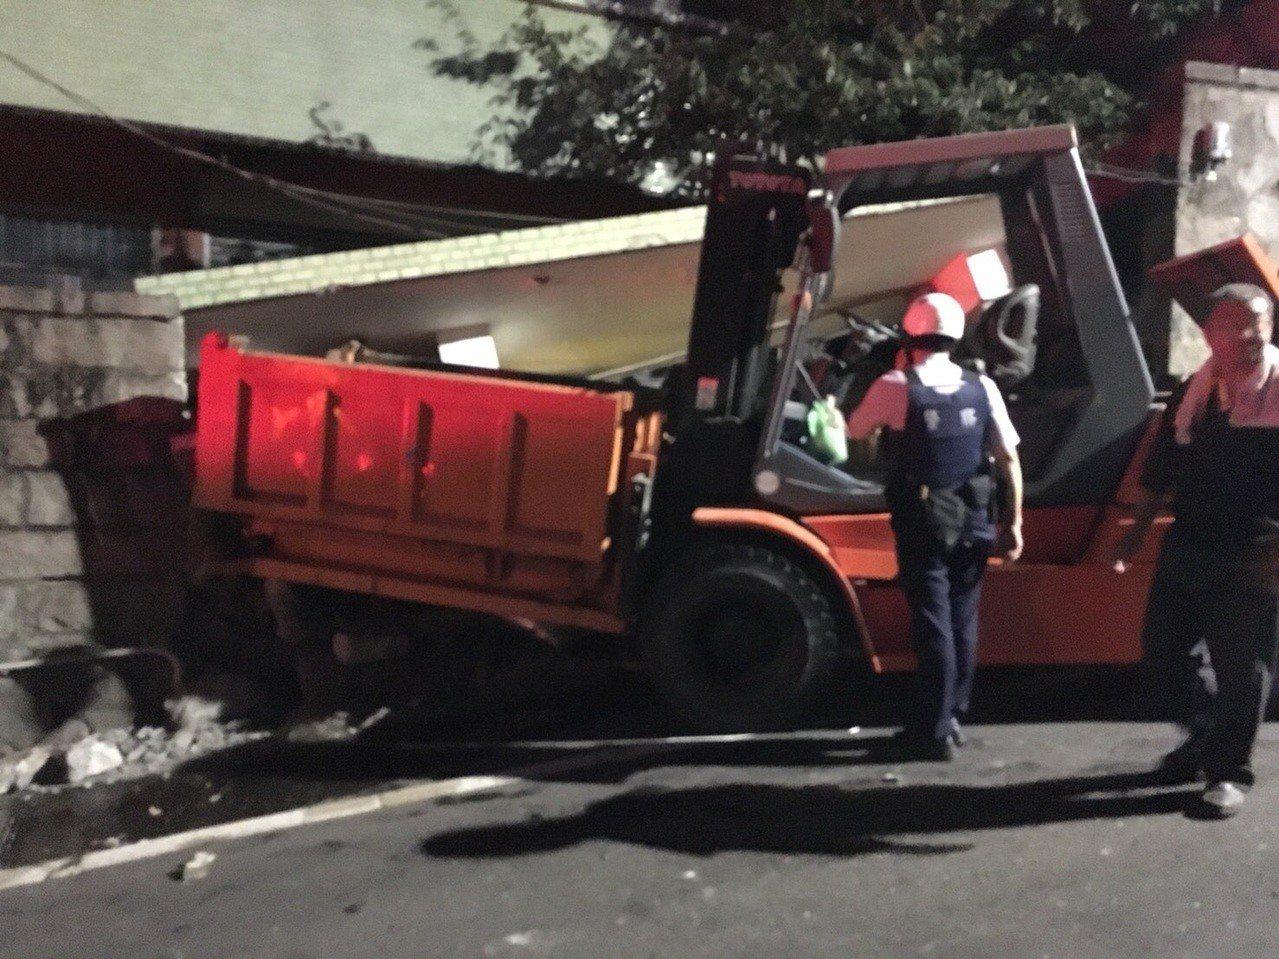 洪姓男子駕駛堆高機轉彎下坡衝進民宅,撞毀民宅大門。記者林孟潔/翻攝